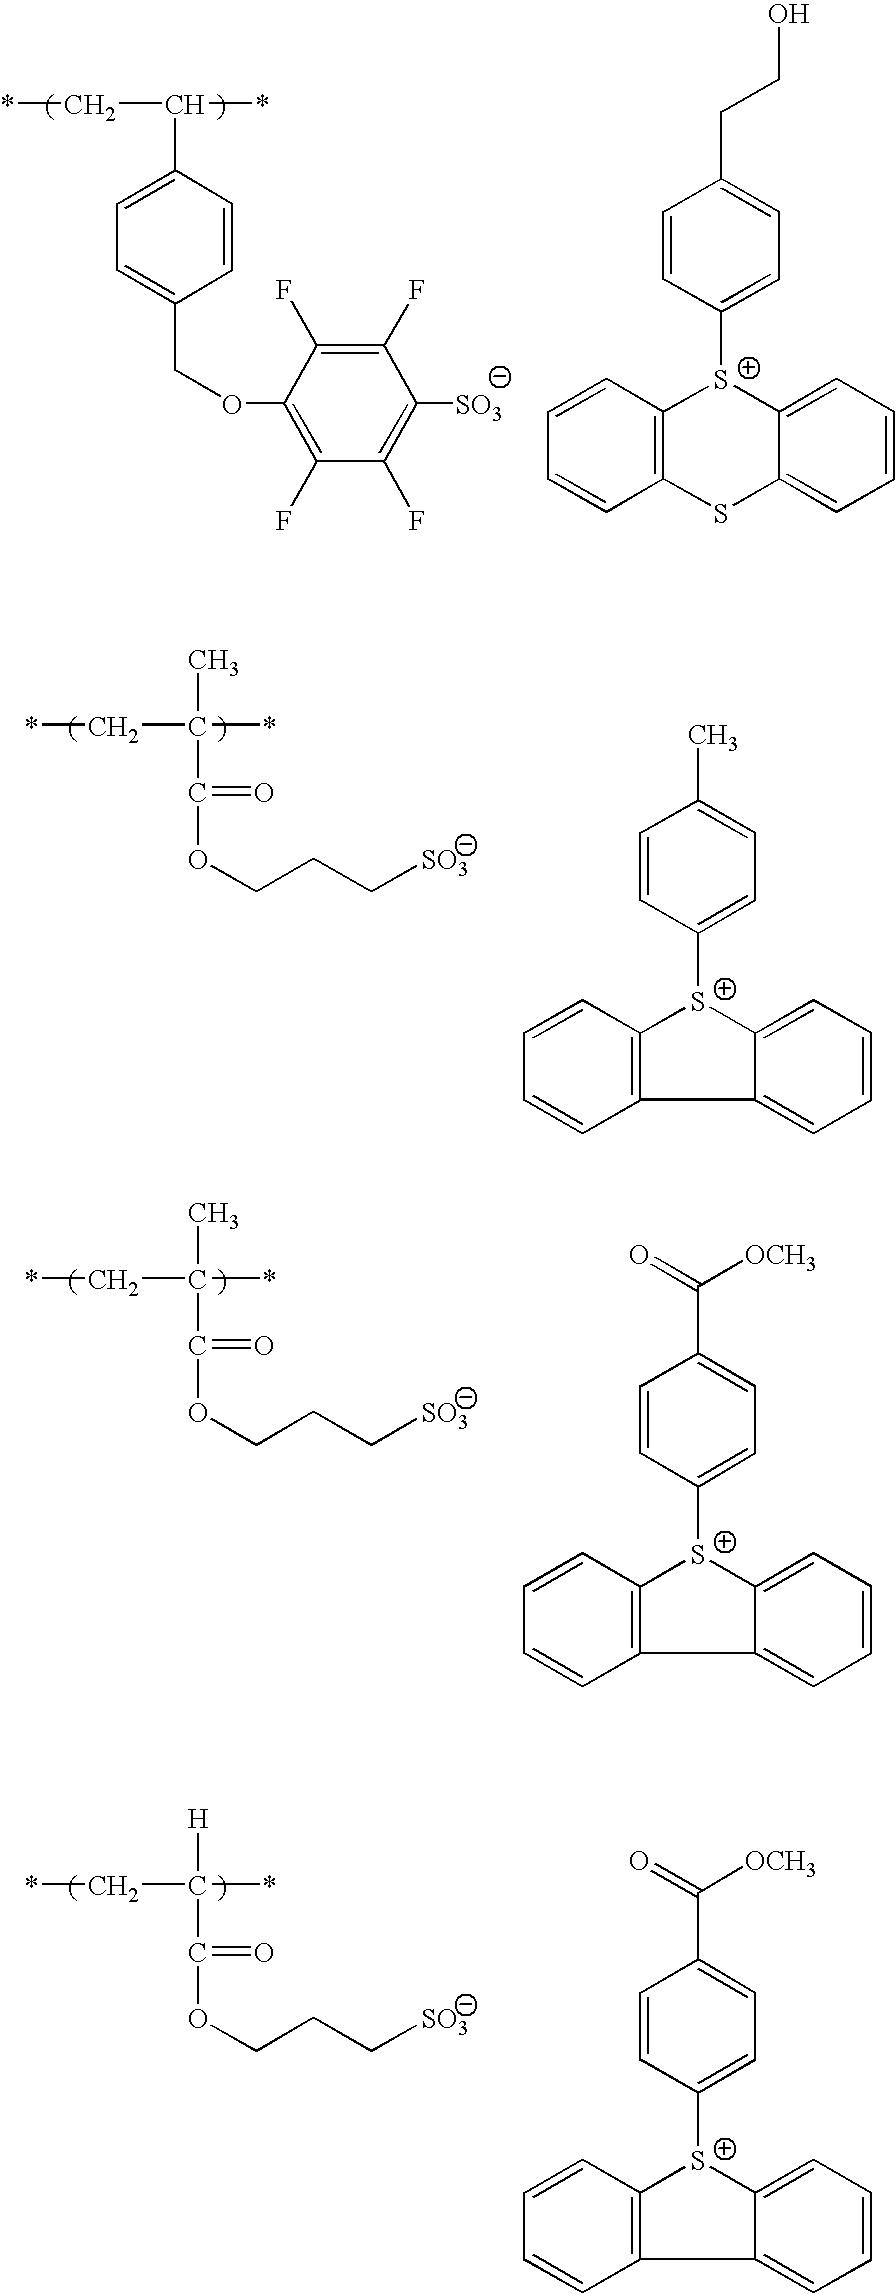 Figure US08852845-20141007-C00061